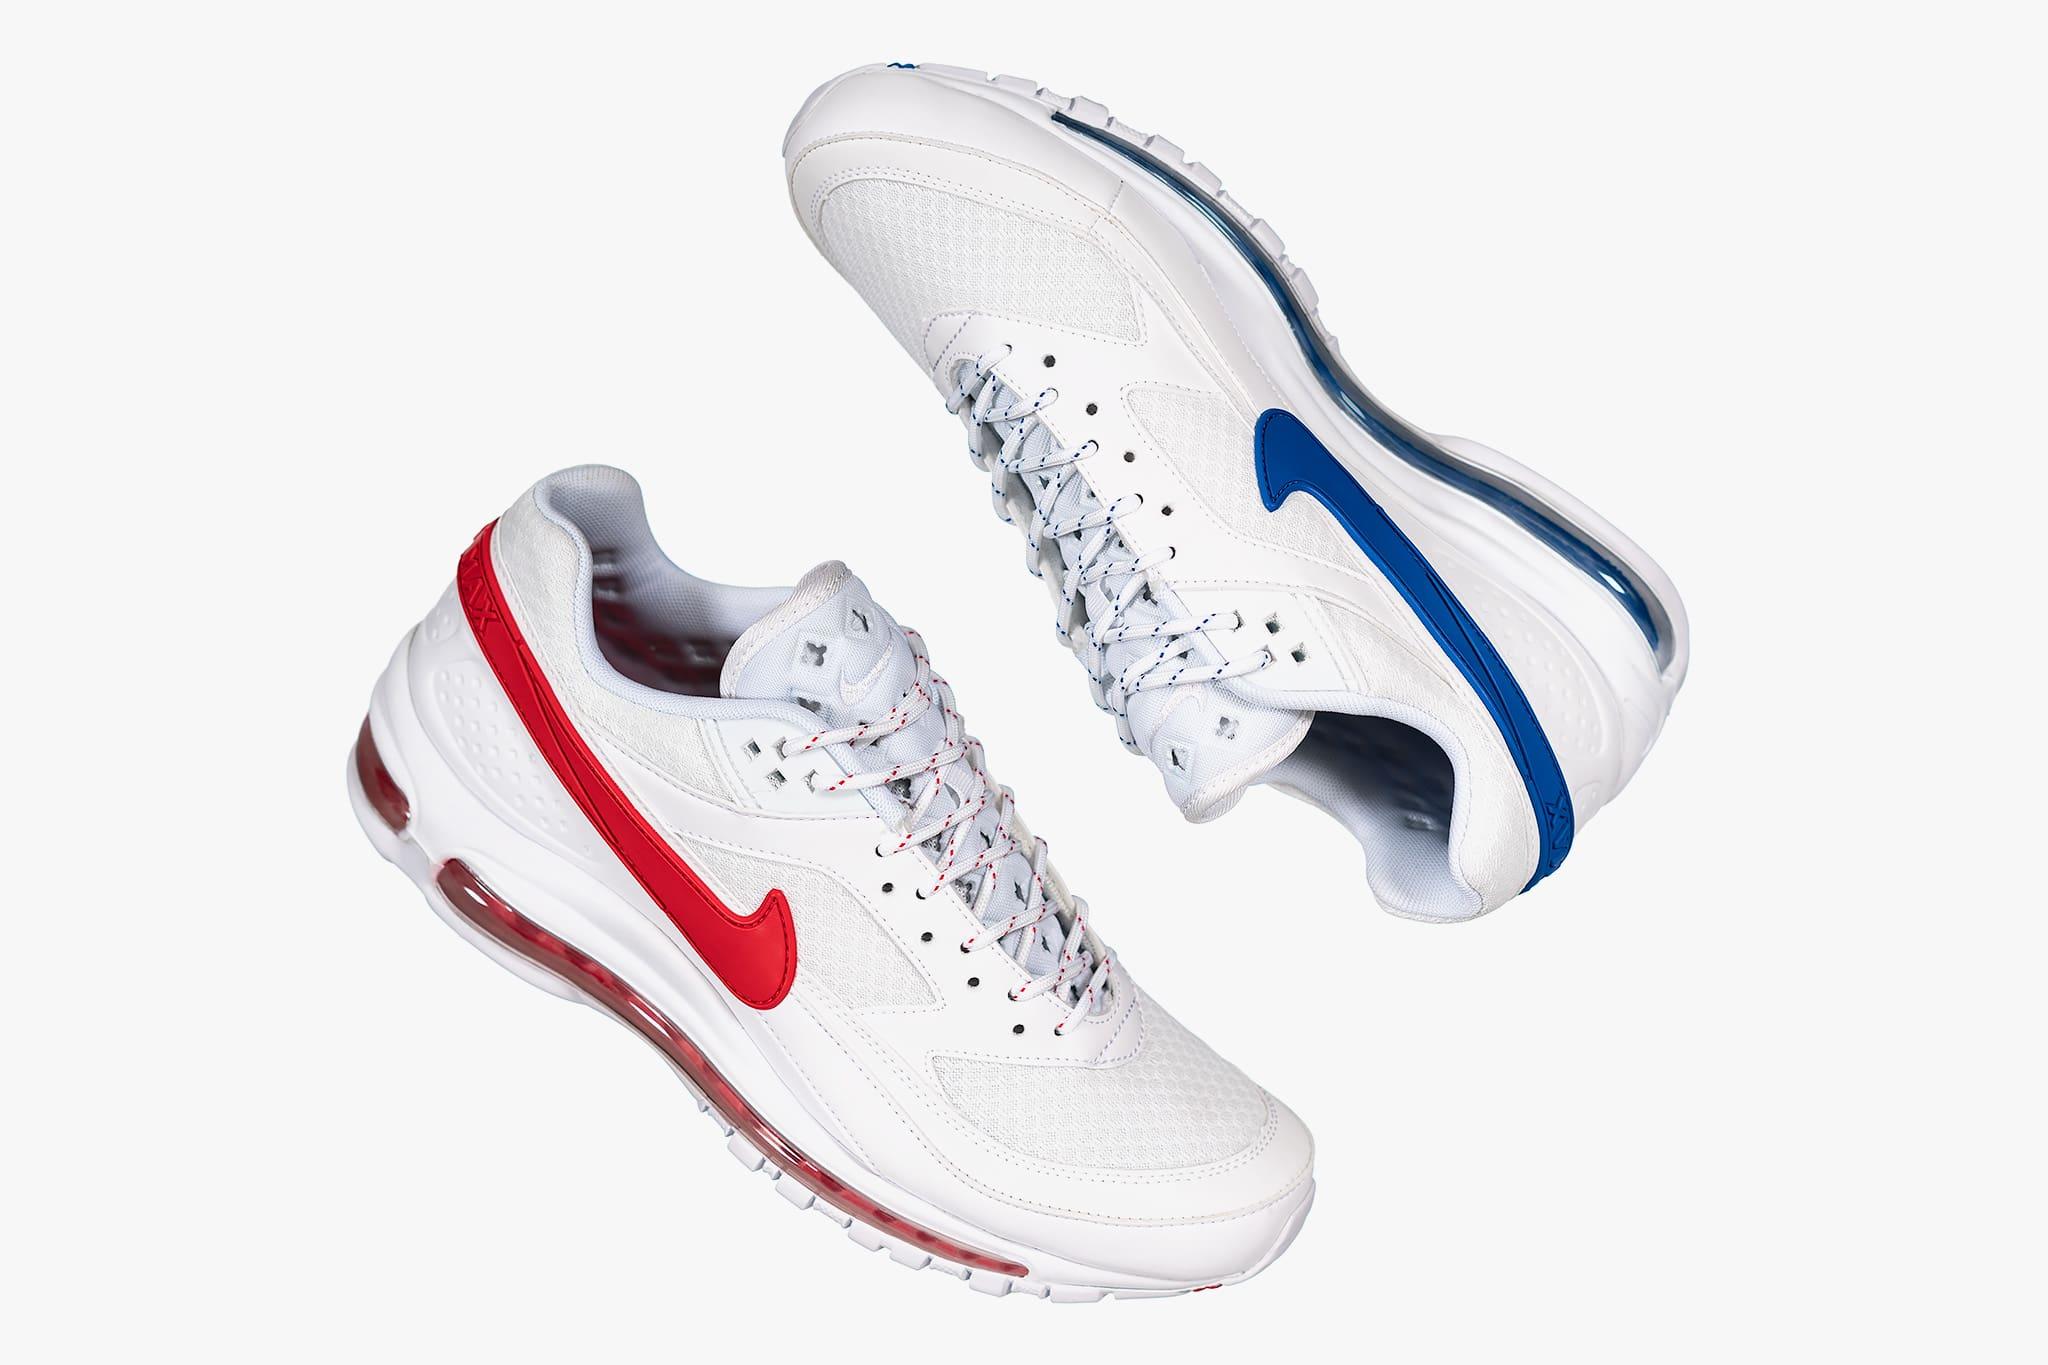 e3586f3e5d1b2 Nike-x-Skepta-Ai-Max-97-BW-SS18-May-News qwrlgd.jpg